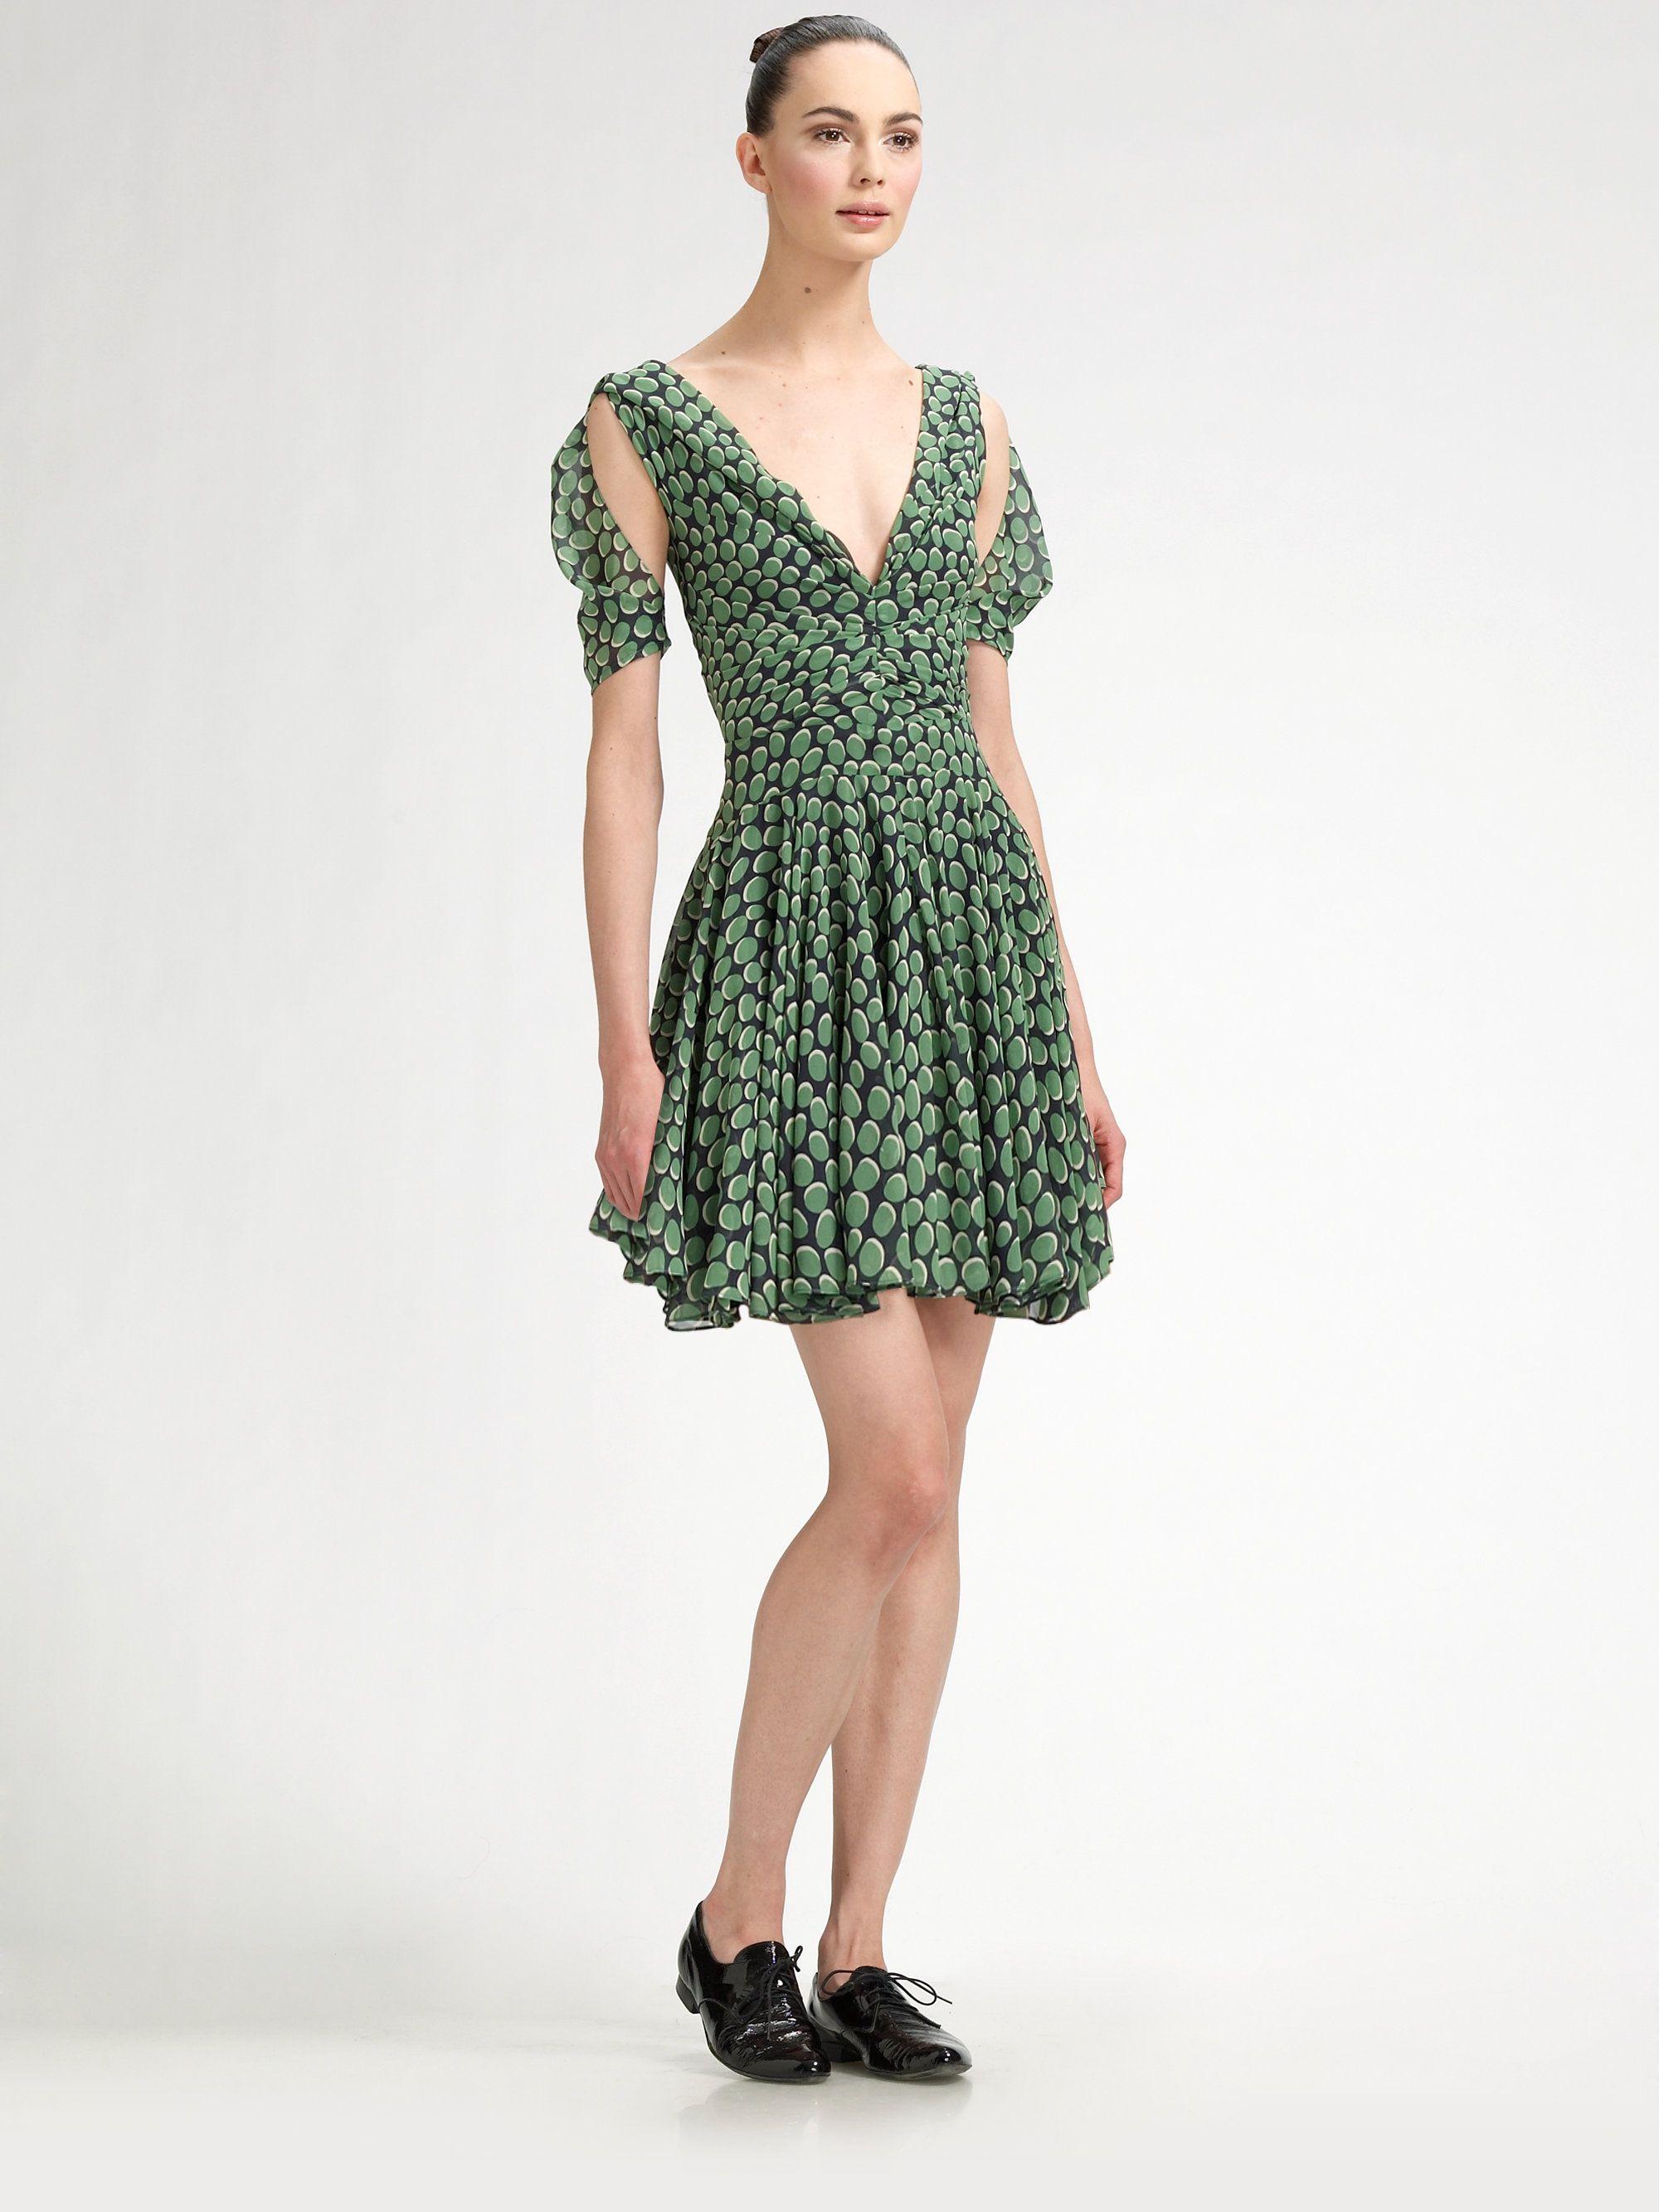 Z Spoke By Zac Posen Silk Polka Dot Flared Dress In Green Navy Le Lyst